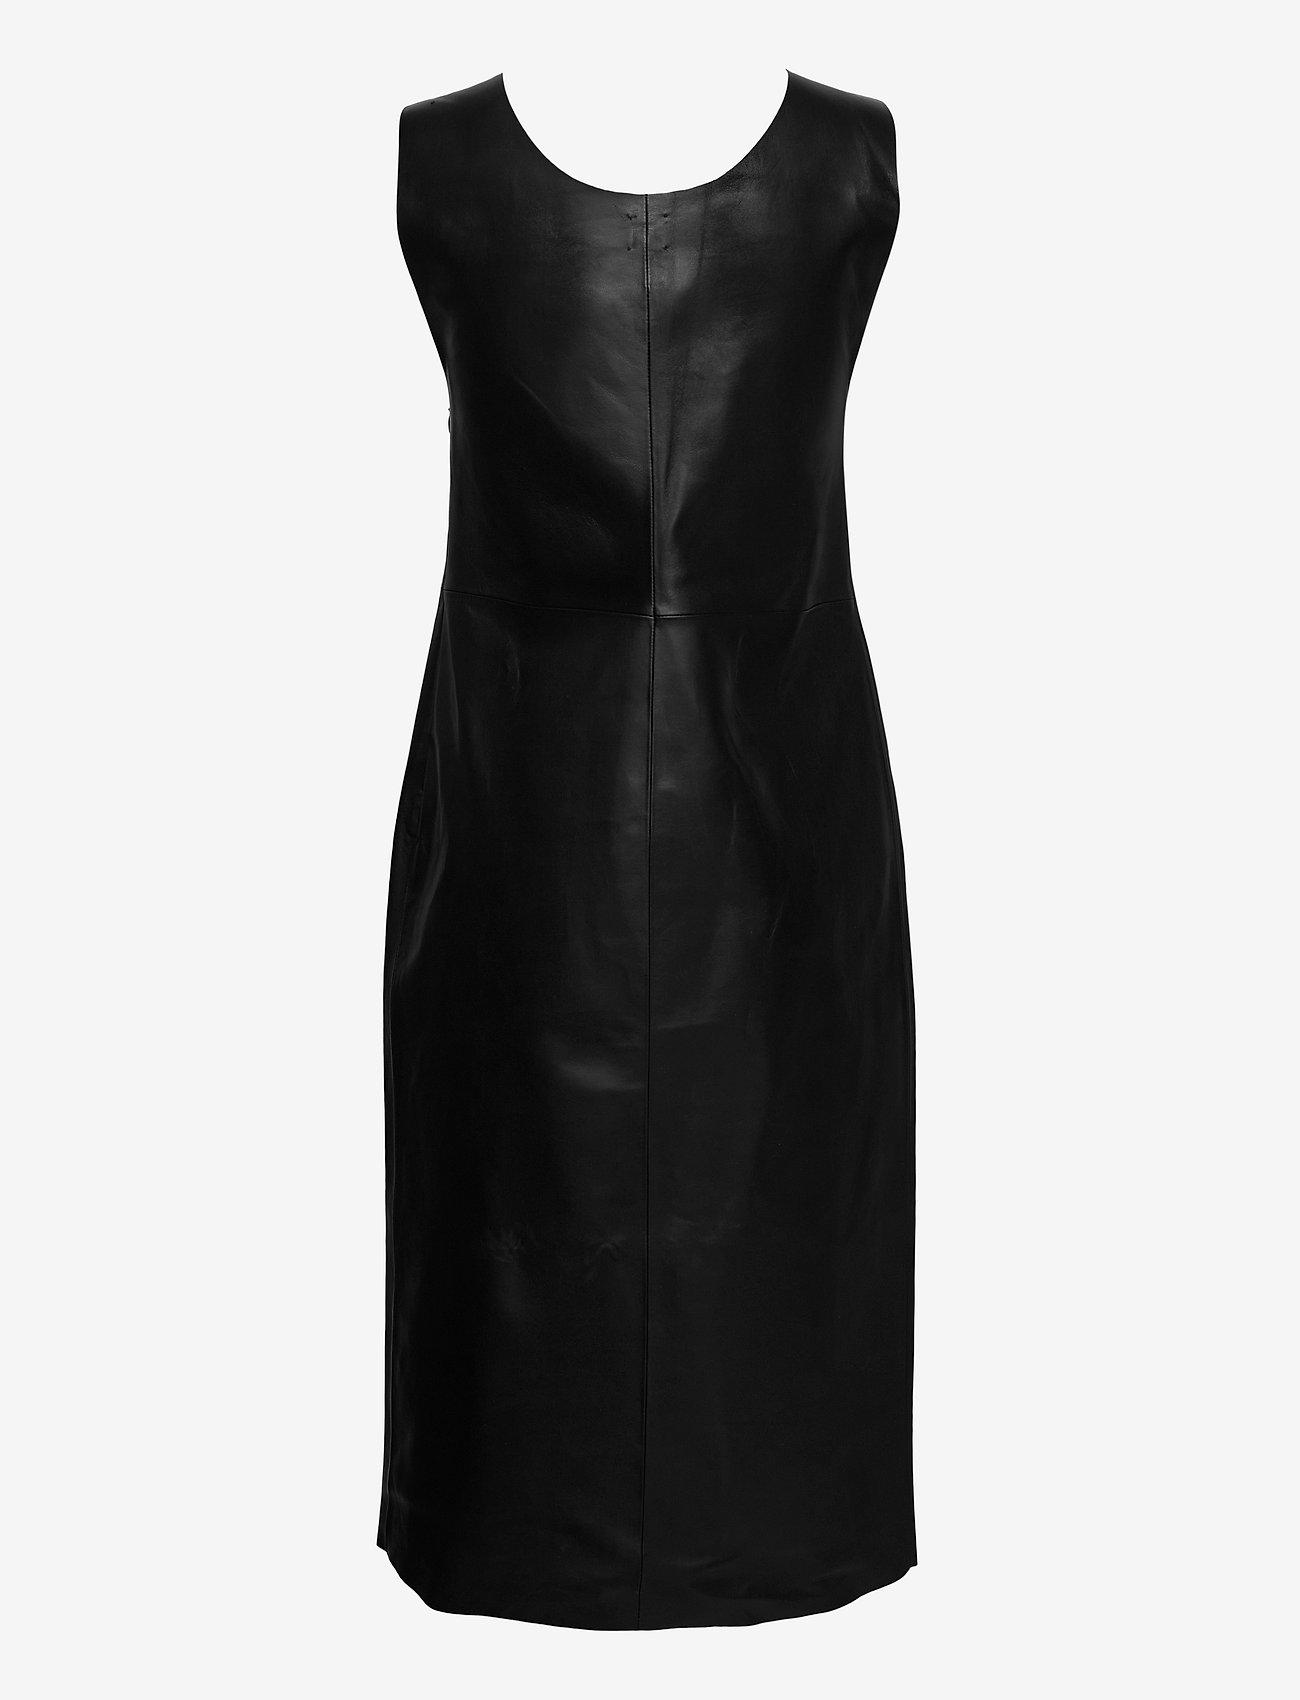 Totême - MEZEL - midi kjoler - black 200 - 1